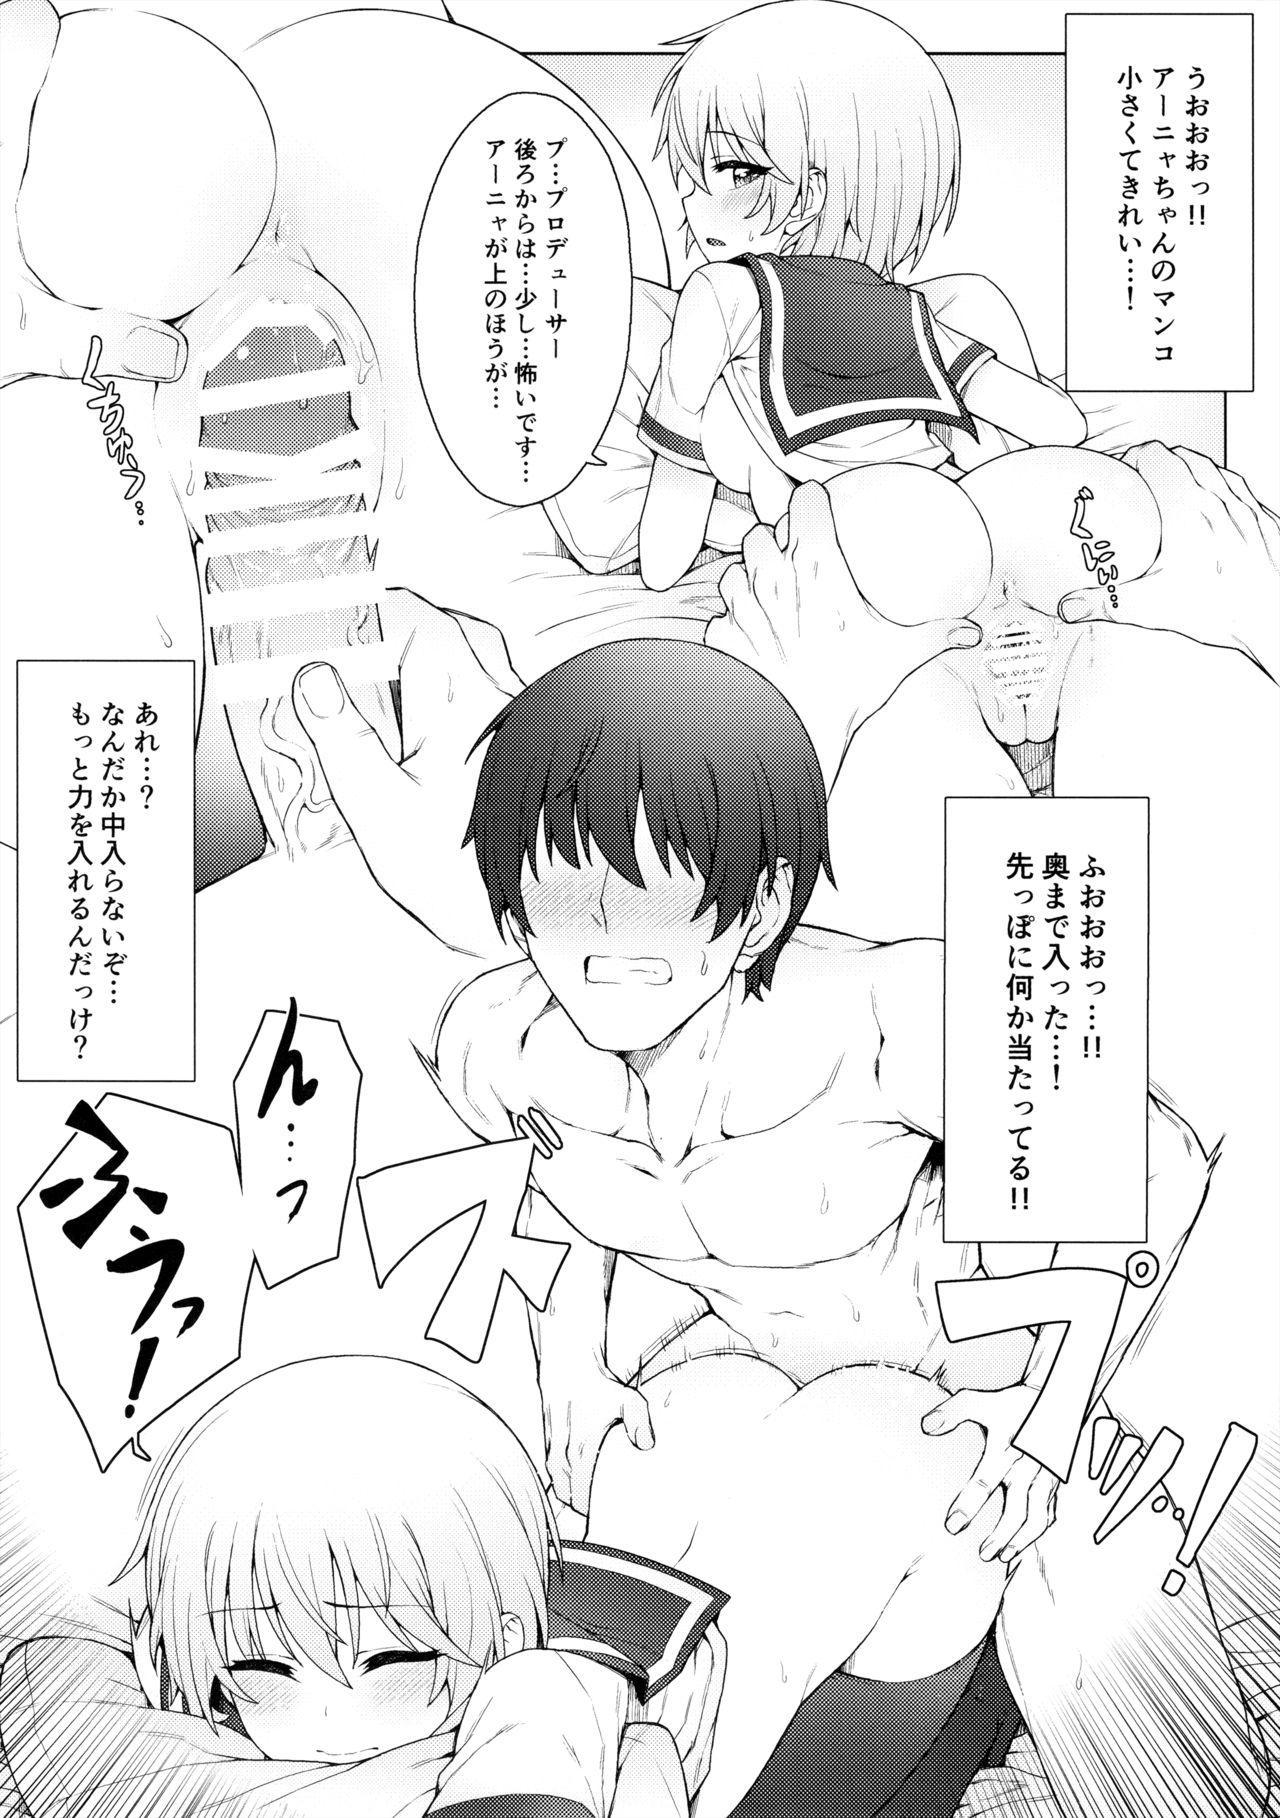 Hajimete wa Dare ga Ii? II 7